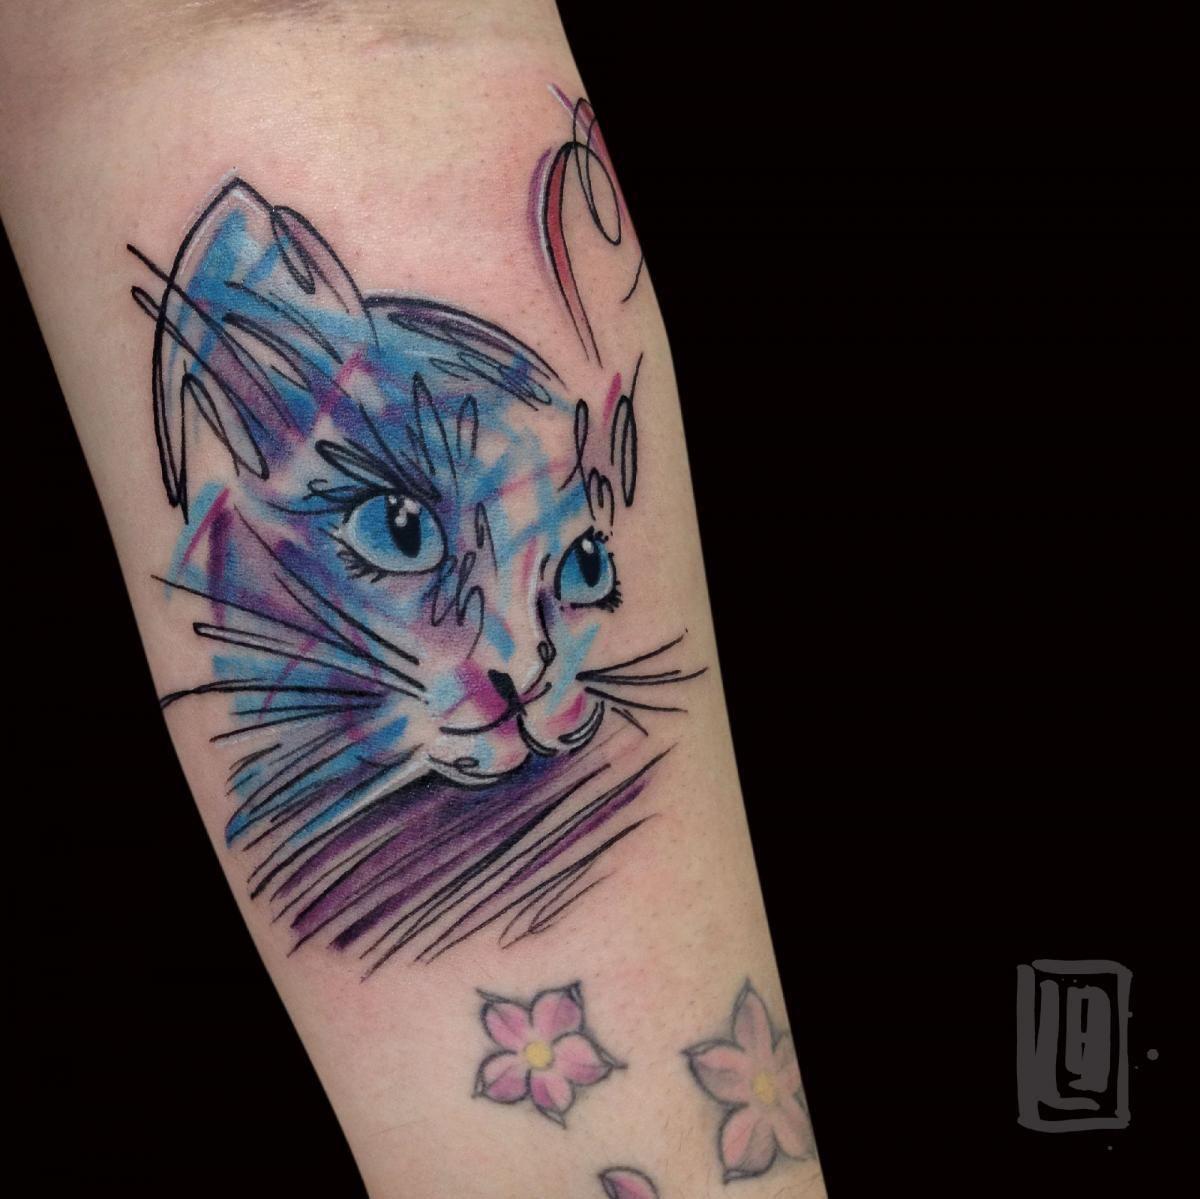 Follow my Facebook page: l.braidotti luca.braidotti@hotmail.com #tattoo #lucabraidotti #sketchtattoo #alternativetattoo #wctattoo #cattattoo #cat #abstracttattoo